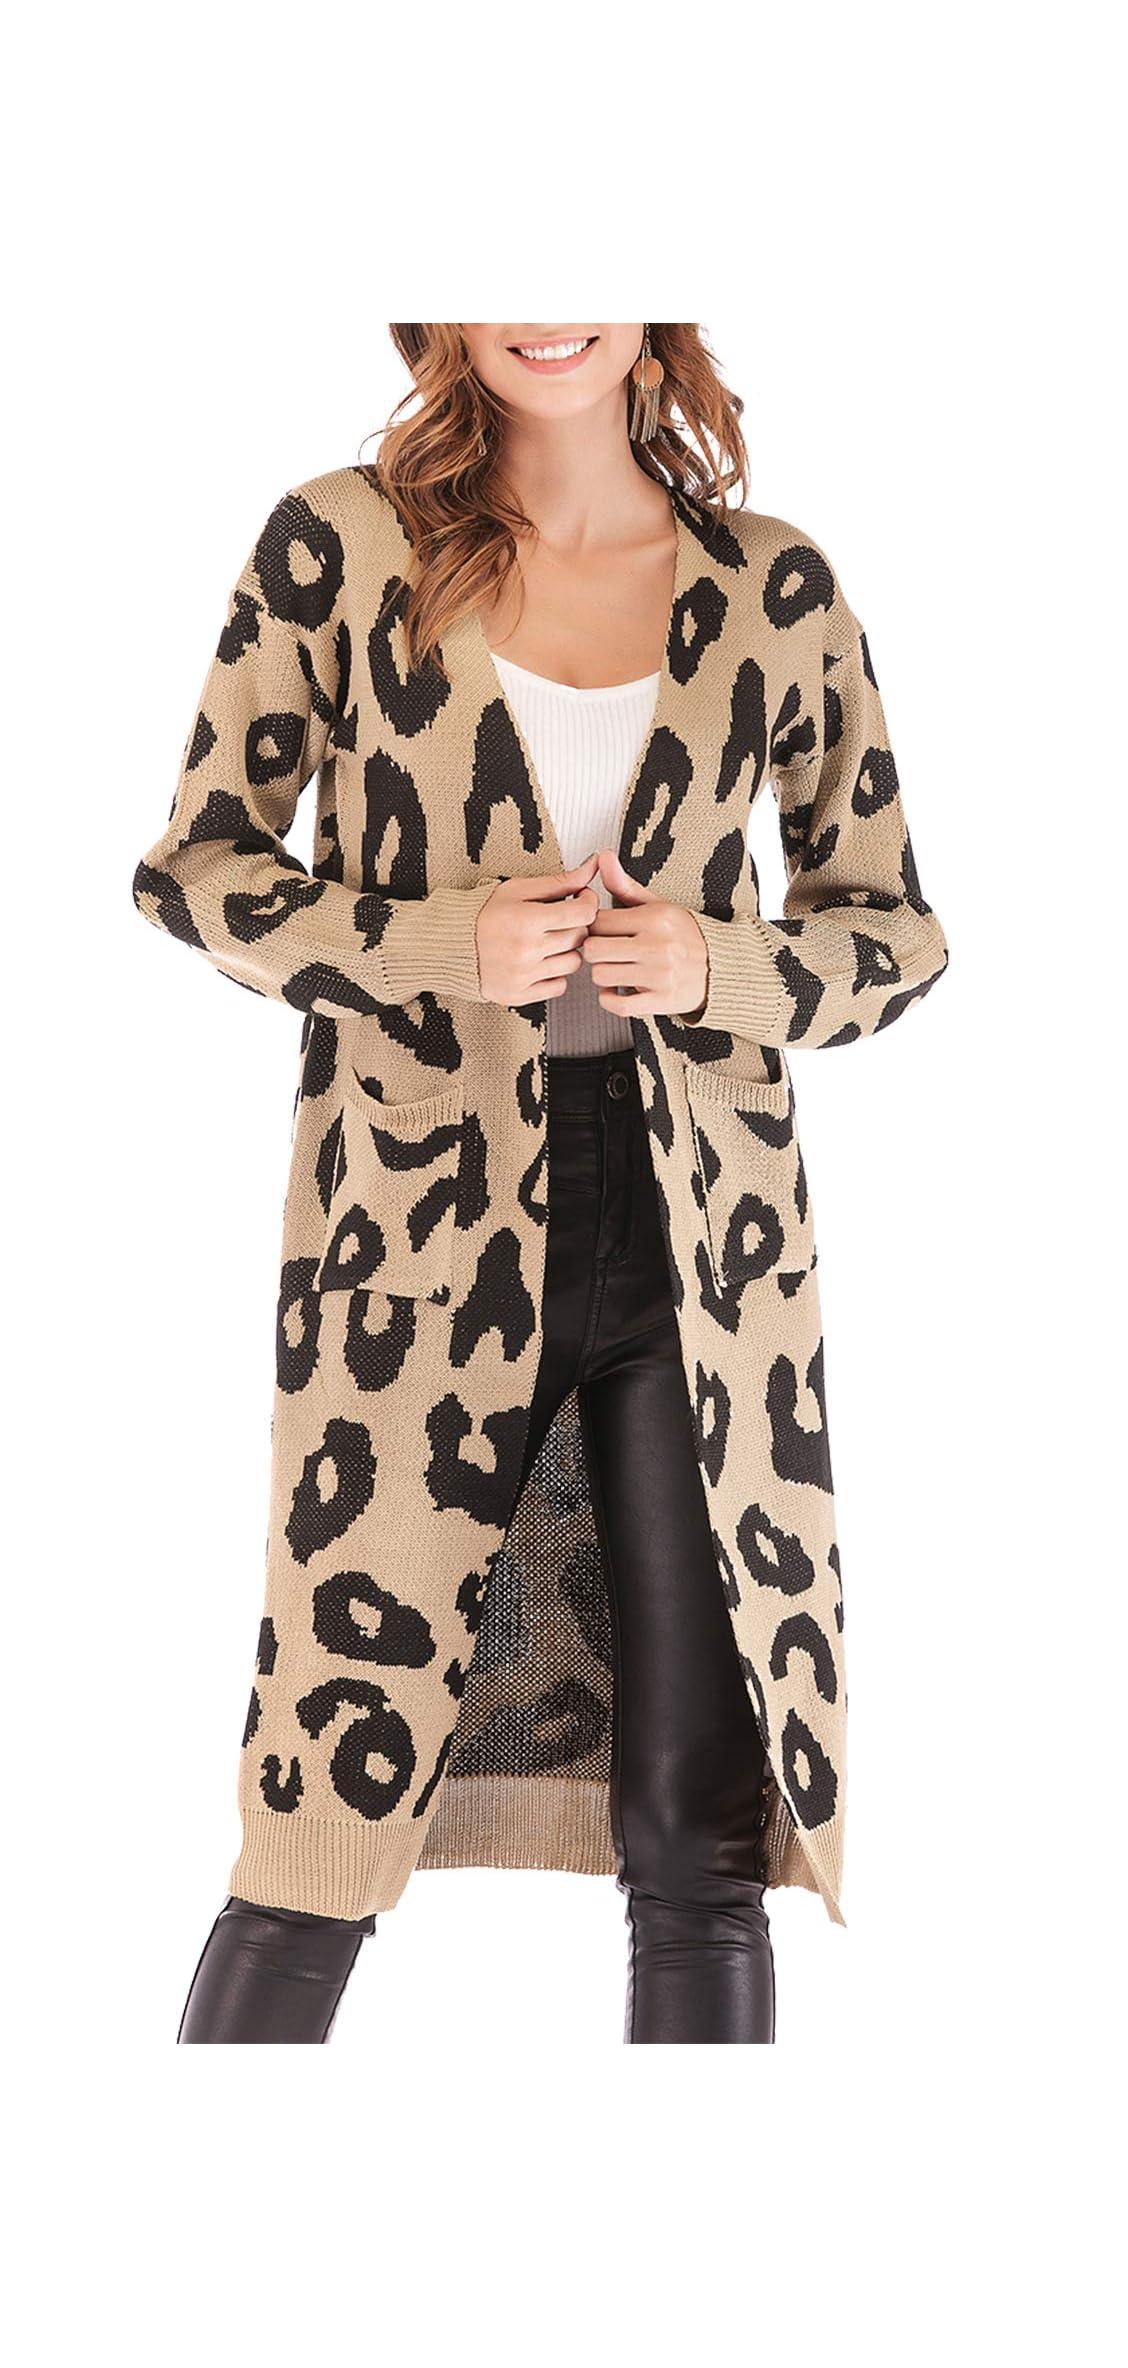 Women Long Sleeve Open Front Leopard Knit Long Cardigan